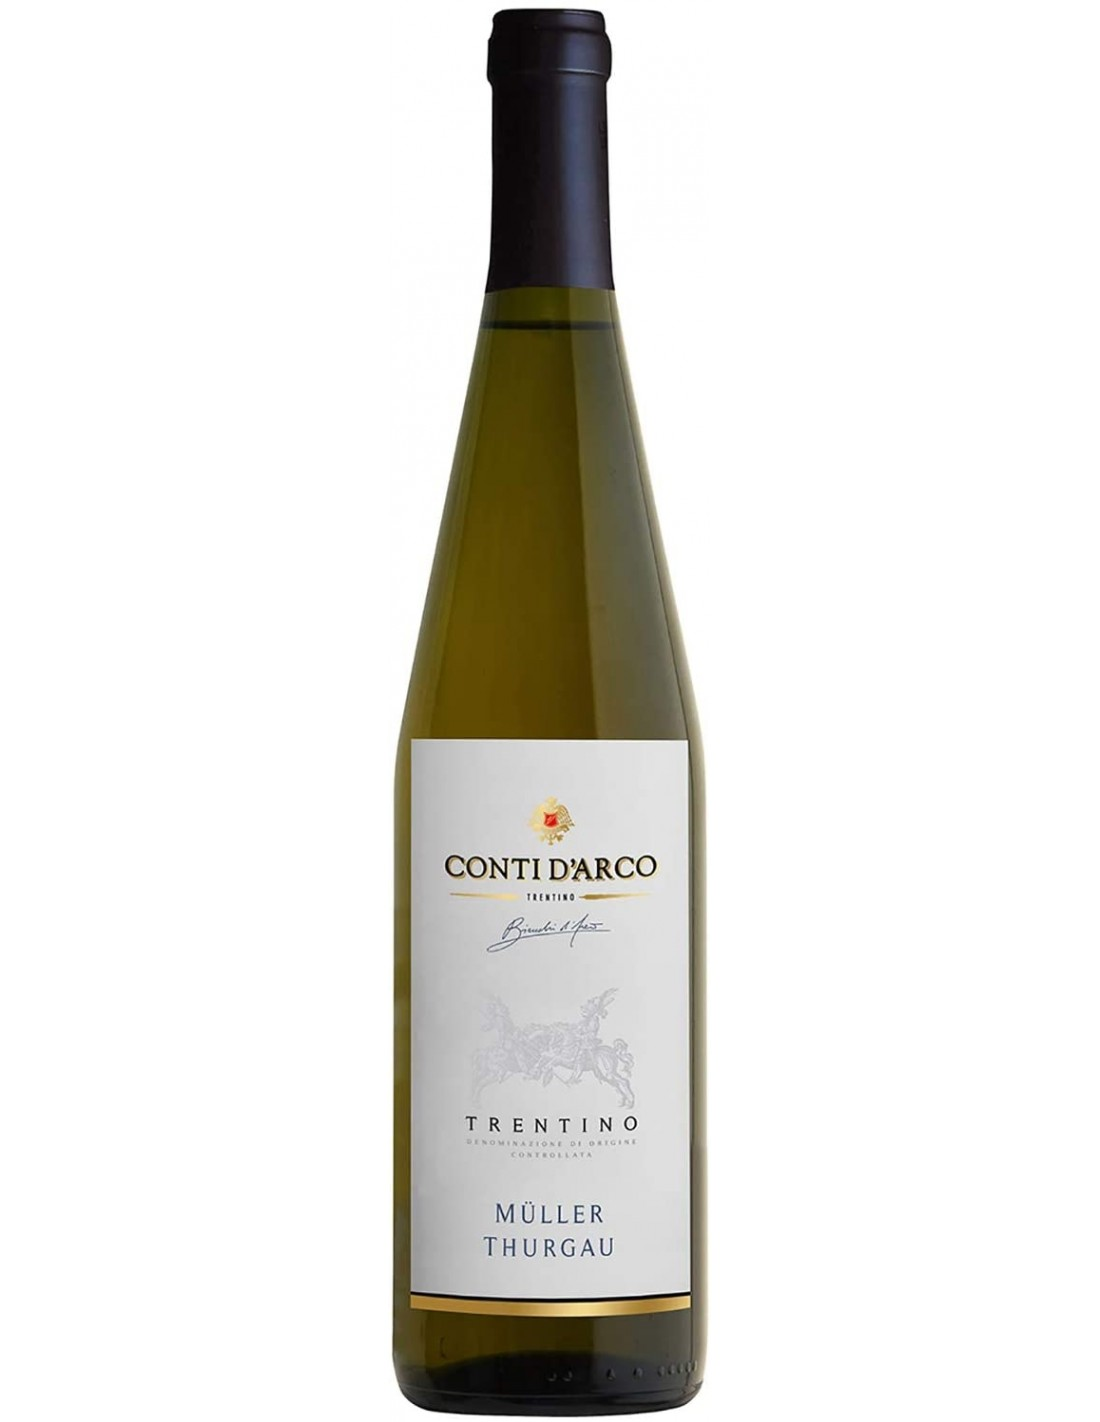 Vin frizzante, Müller-Thurgau, Conti D'Arco Trentino, 12% alc., 0.75L, Italia